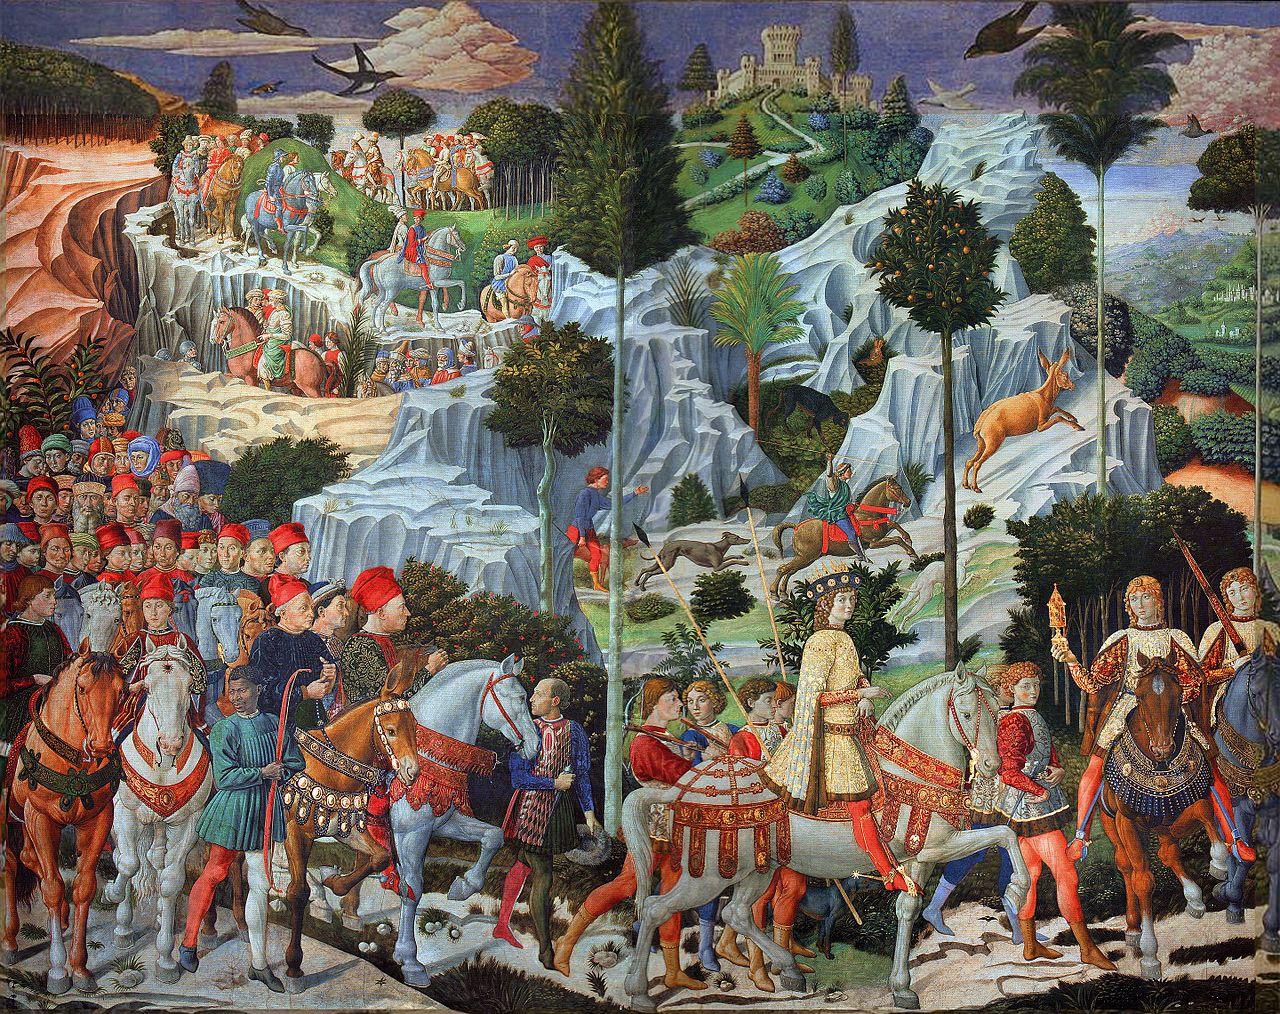 1459-62-gozzoli_magi.jpg